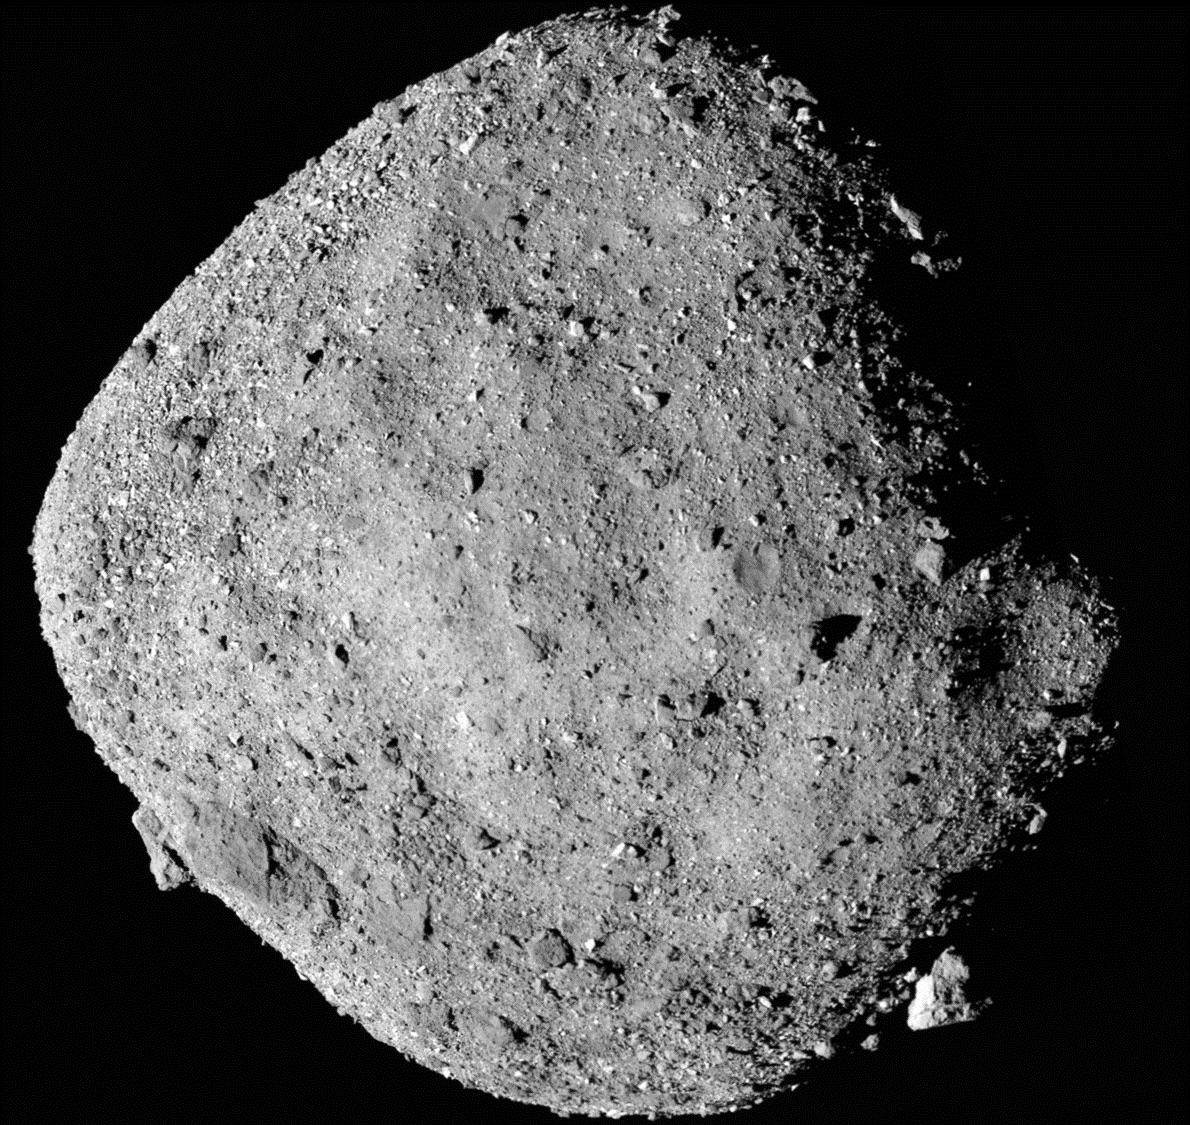 小惑星「ベンヌ」に流水の痕跡か? 新事実が相次ぎ発表に